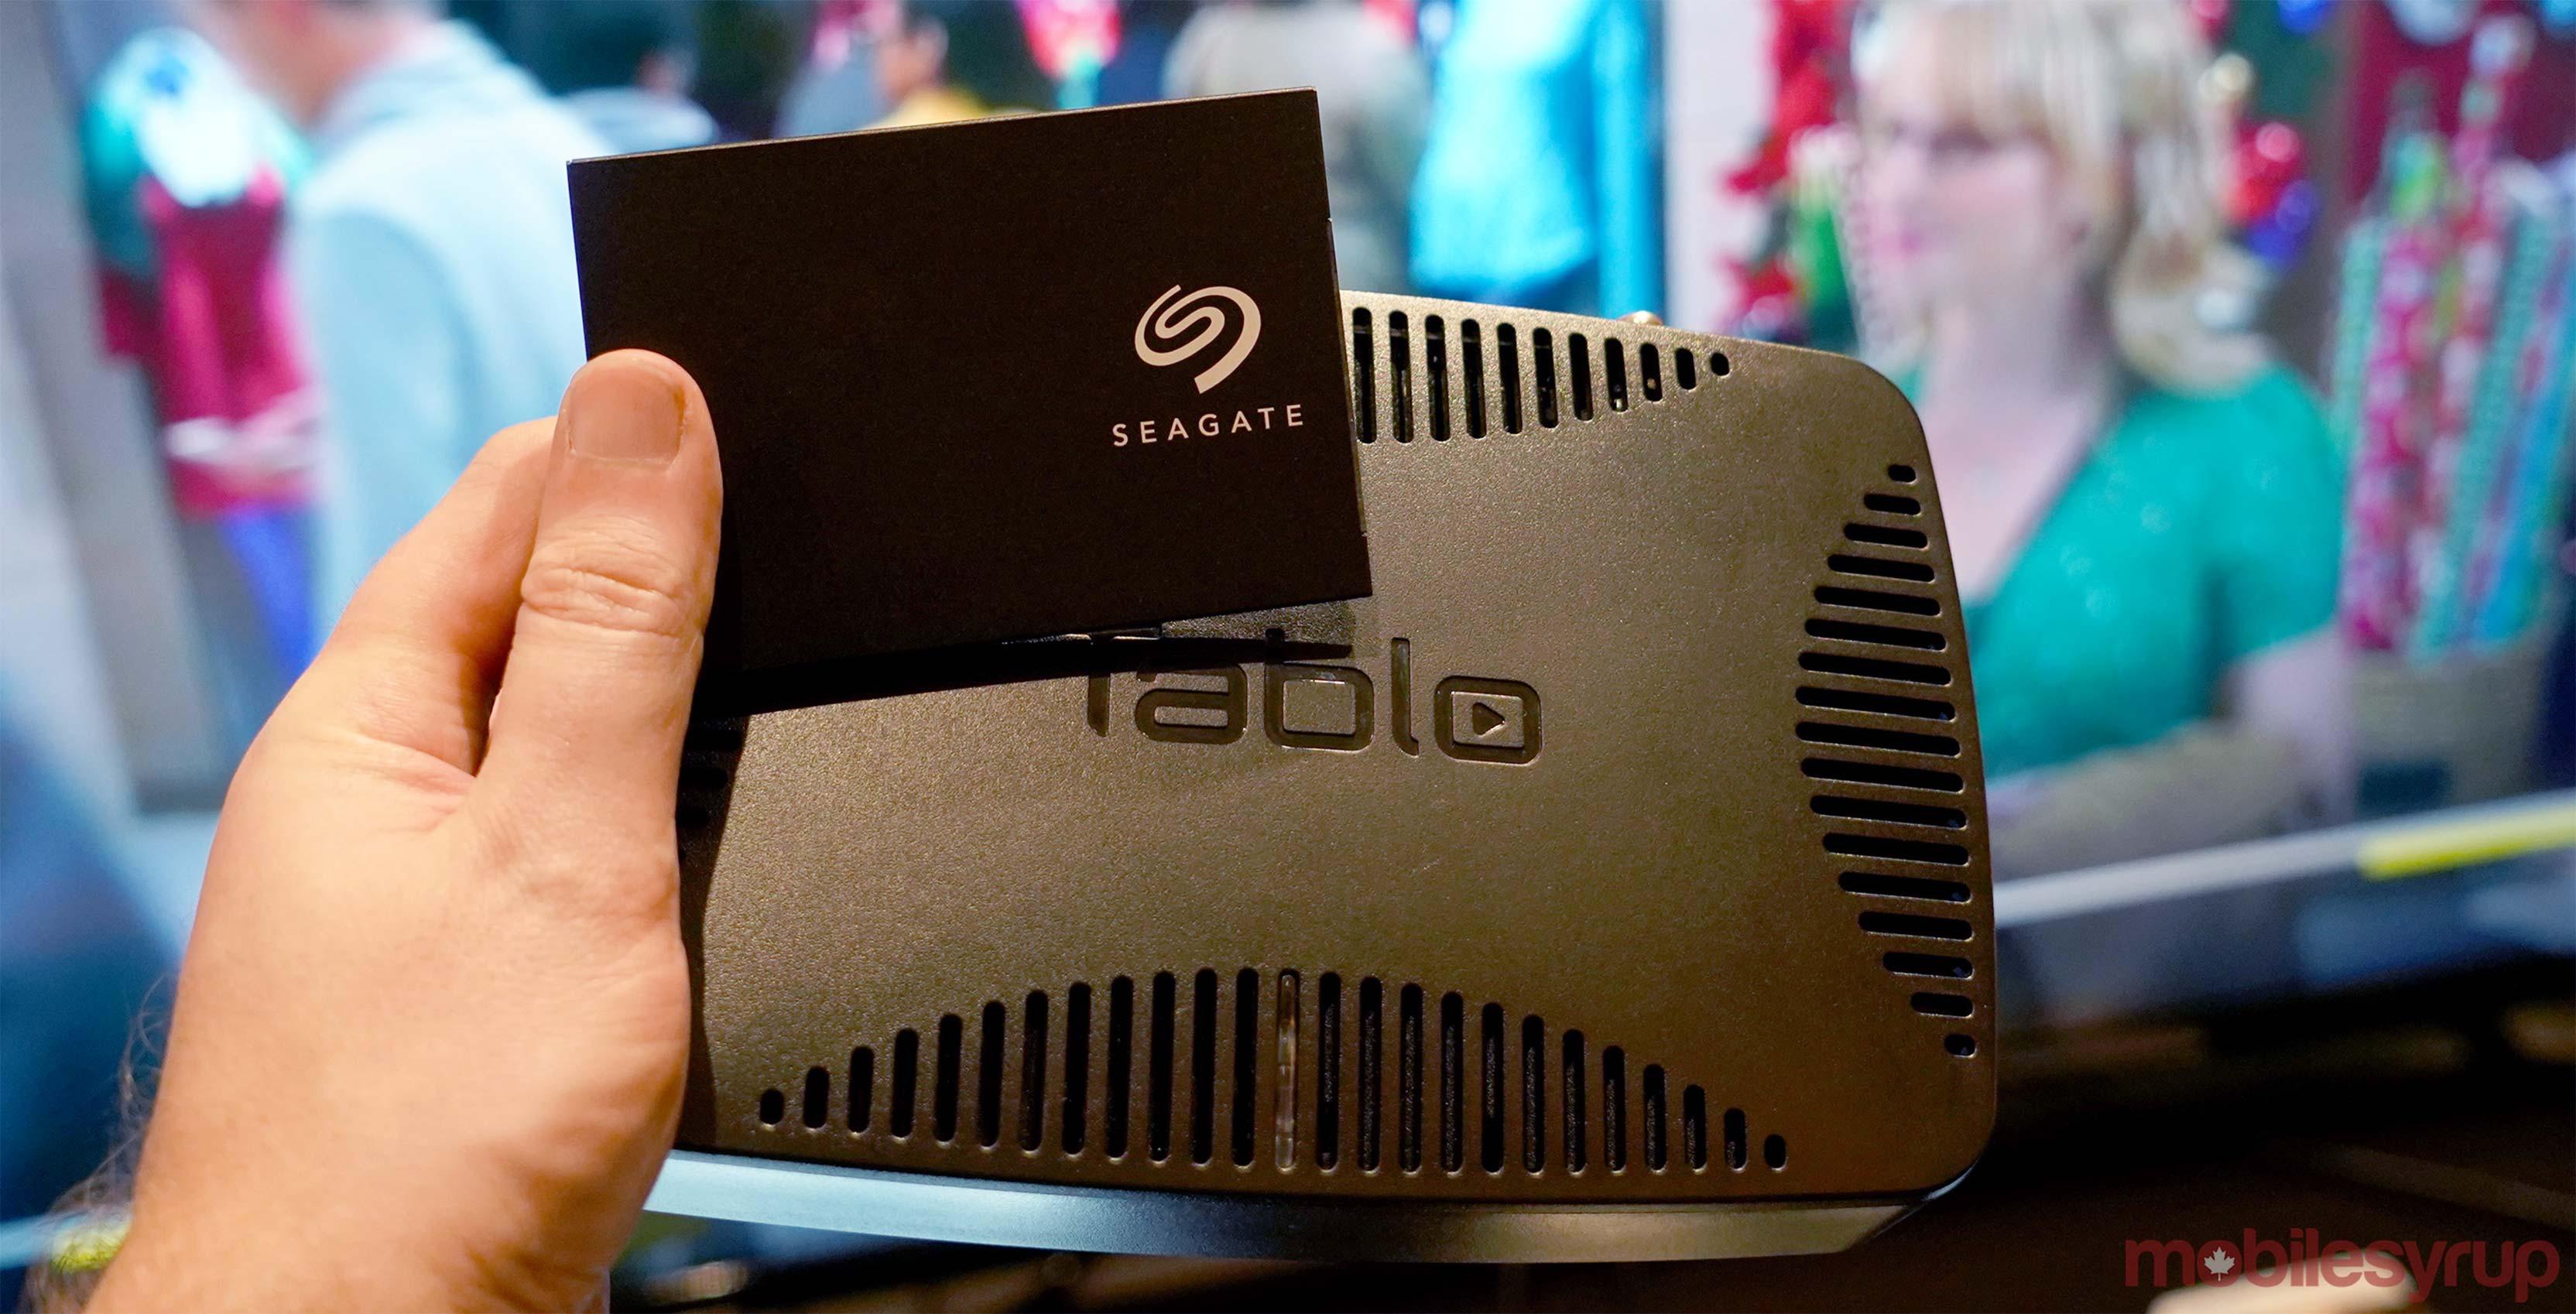 d85e6fa5c672 Ottawa-based Nuvyyo unveiled its latest cord-cutting DVR called the Tablo  Quad